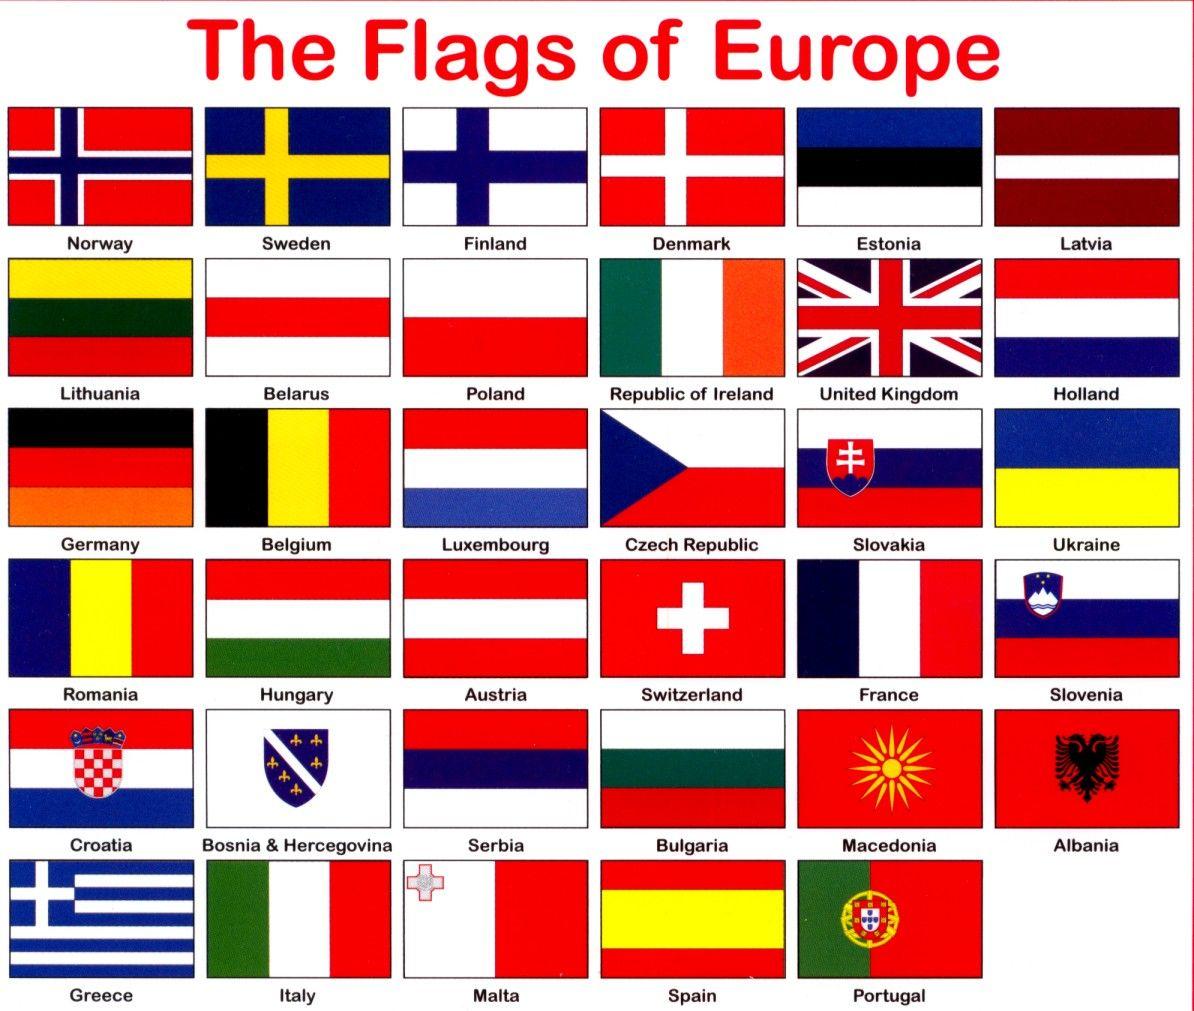 اعلام الدول الاوروبية بالعربي المرسال